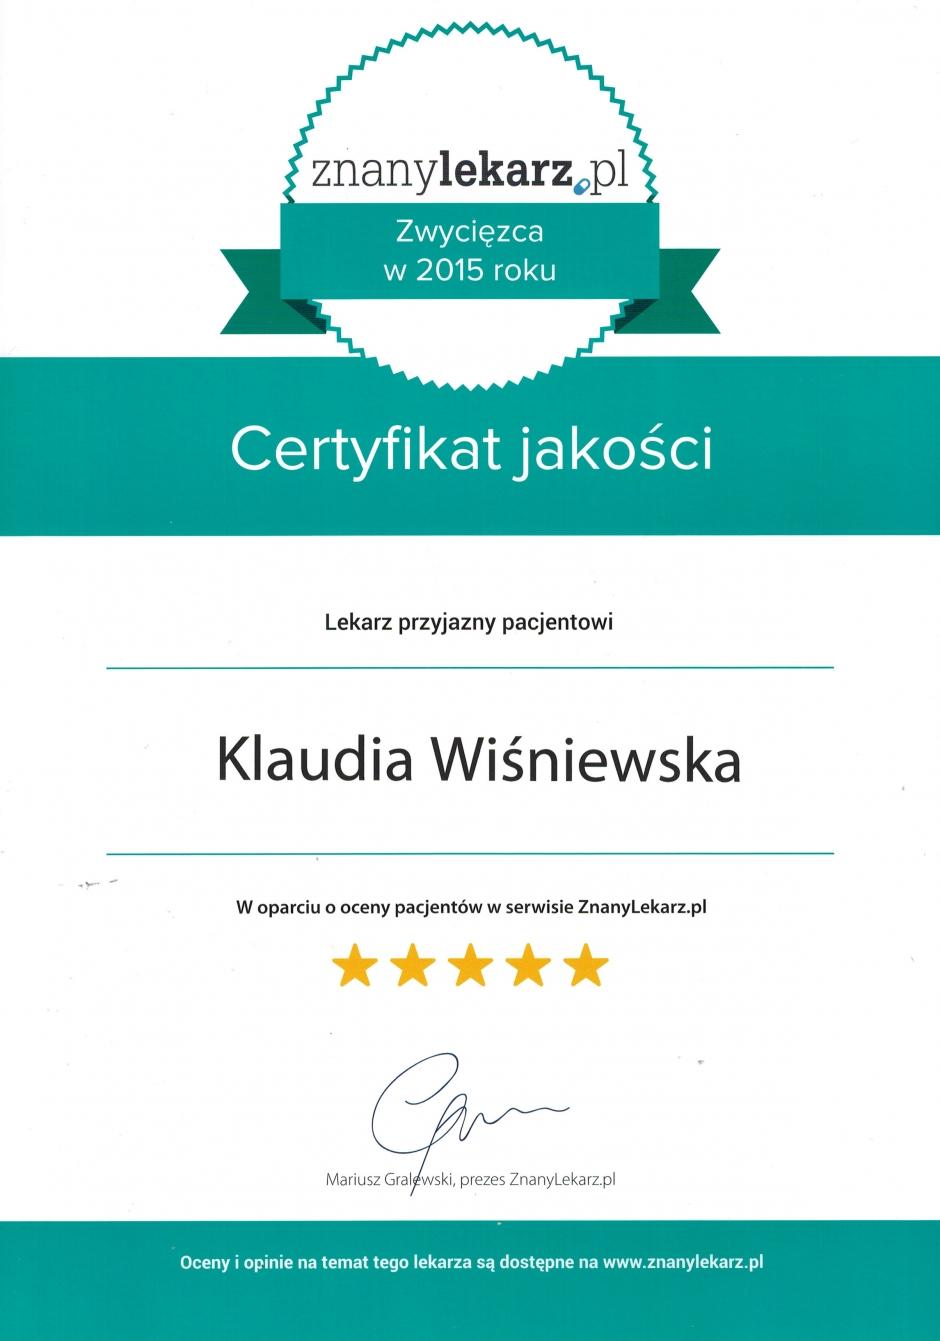 Certyfikat jakości Znanylekarz.pl 2015